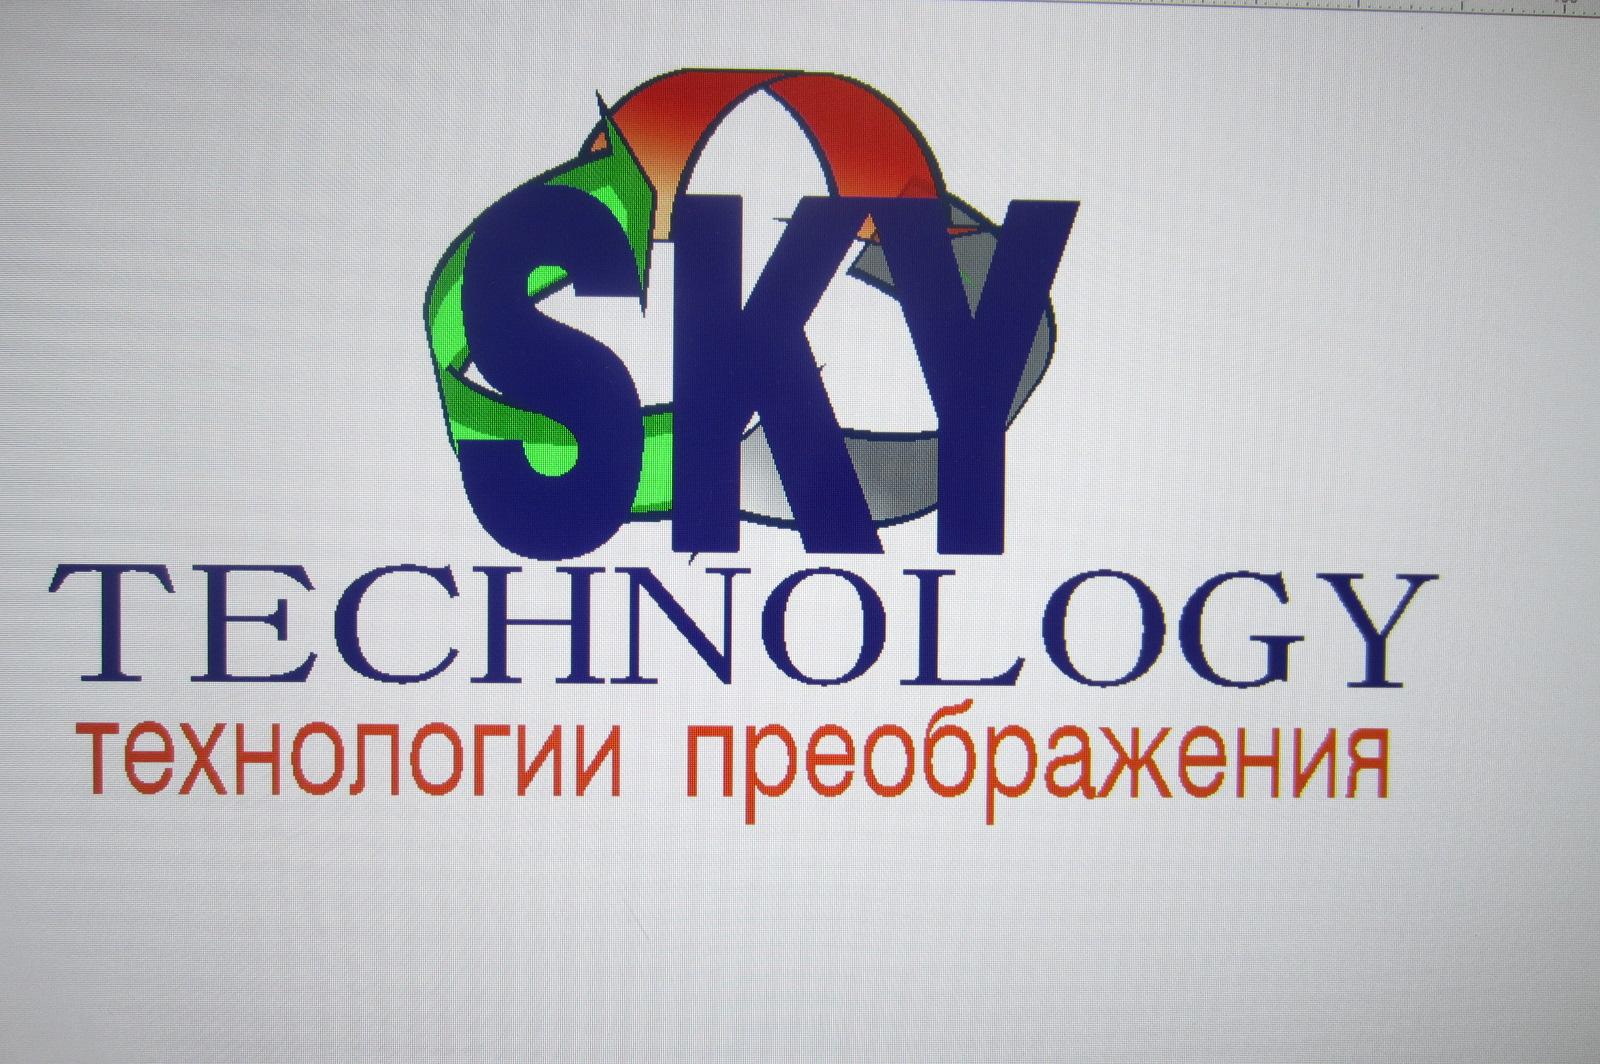 Новый логотип для производственной компании фото f_1465a8599cf4a749.jpg